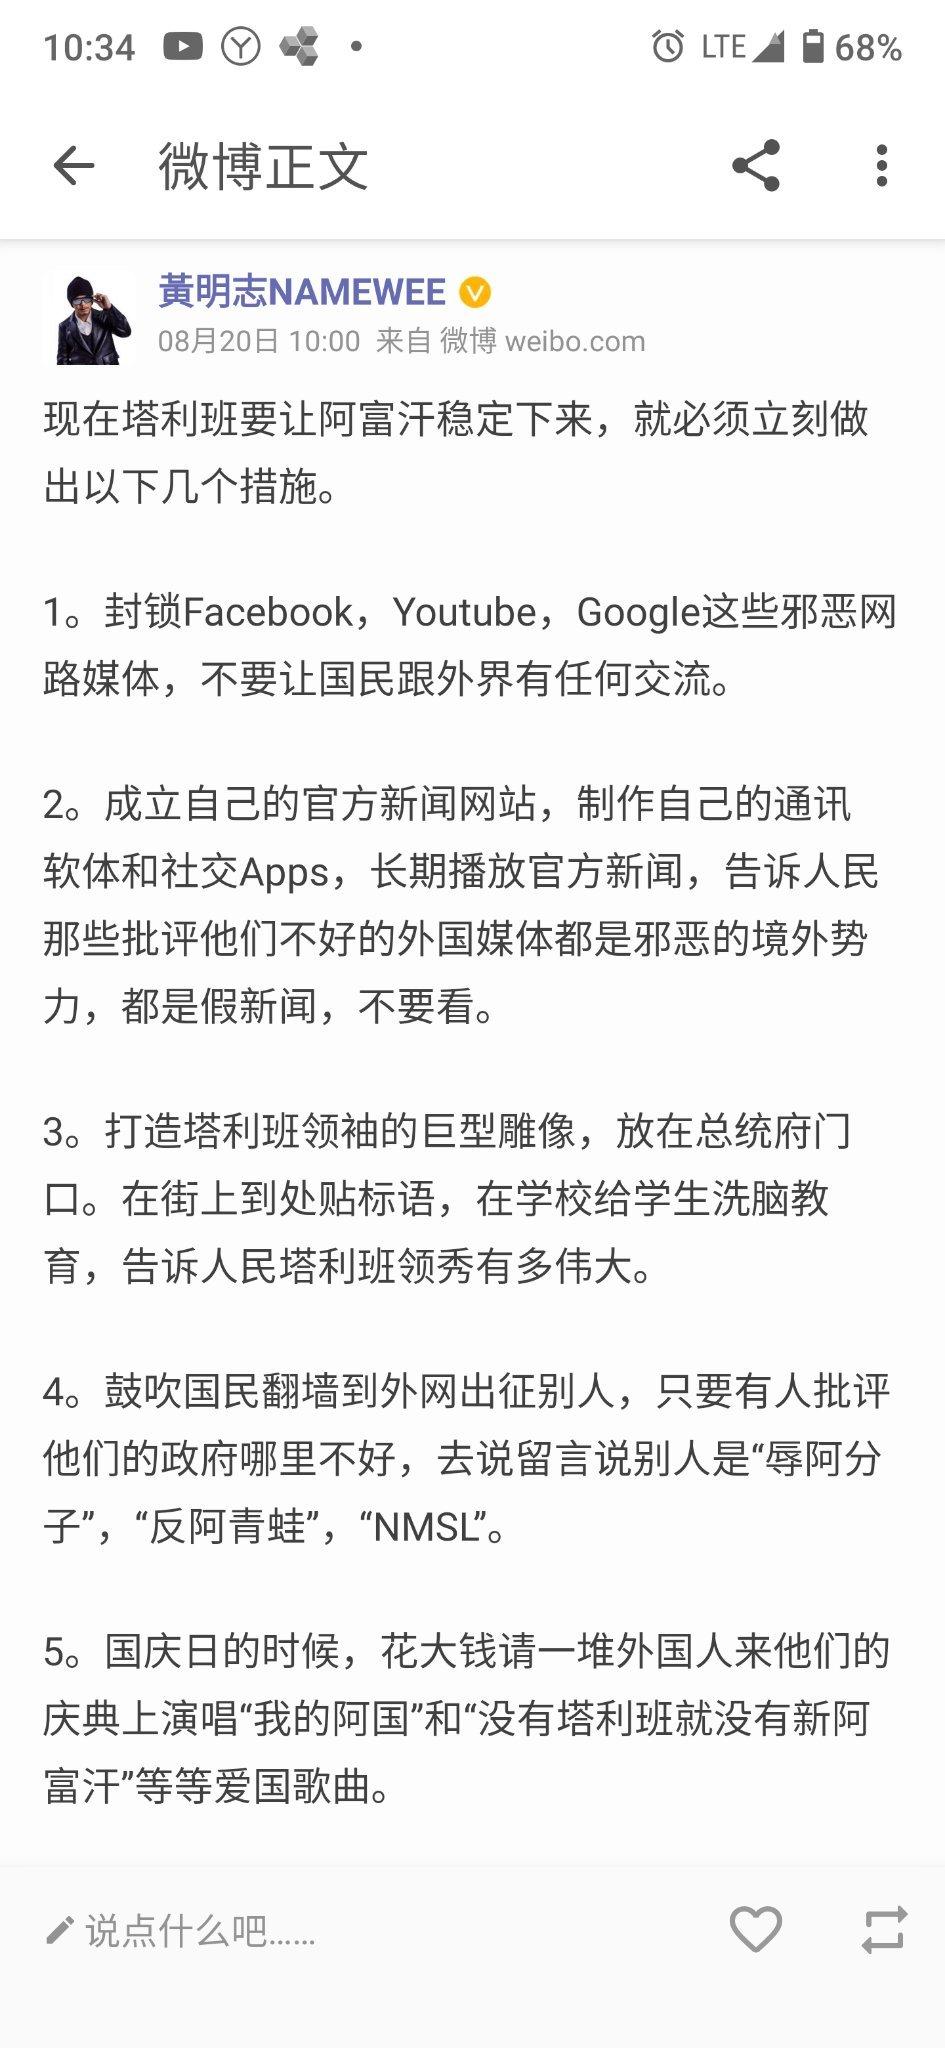 黄明志Namewee kenna banned on Weibo for sharing cheatcodes with Taliban on how  to govern Afghanistan | HardwareZone Forums